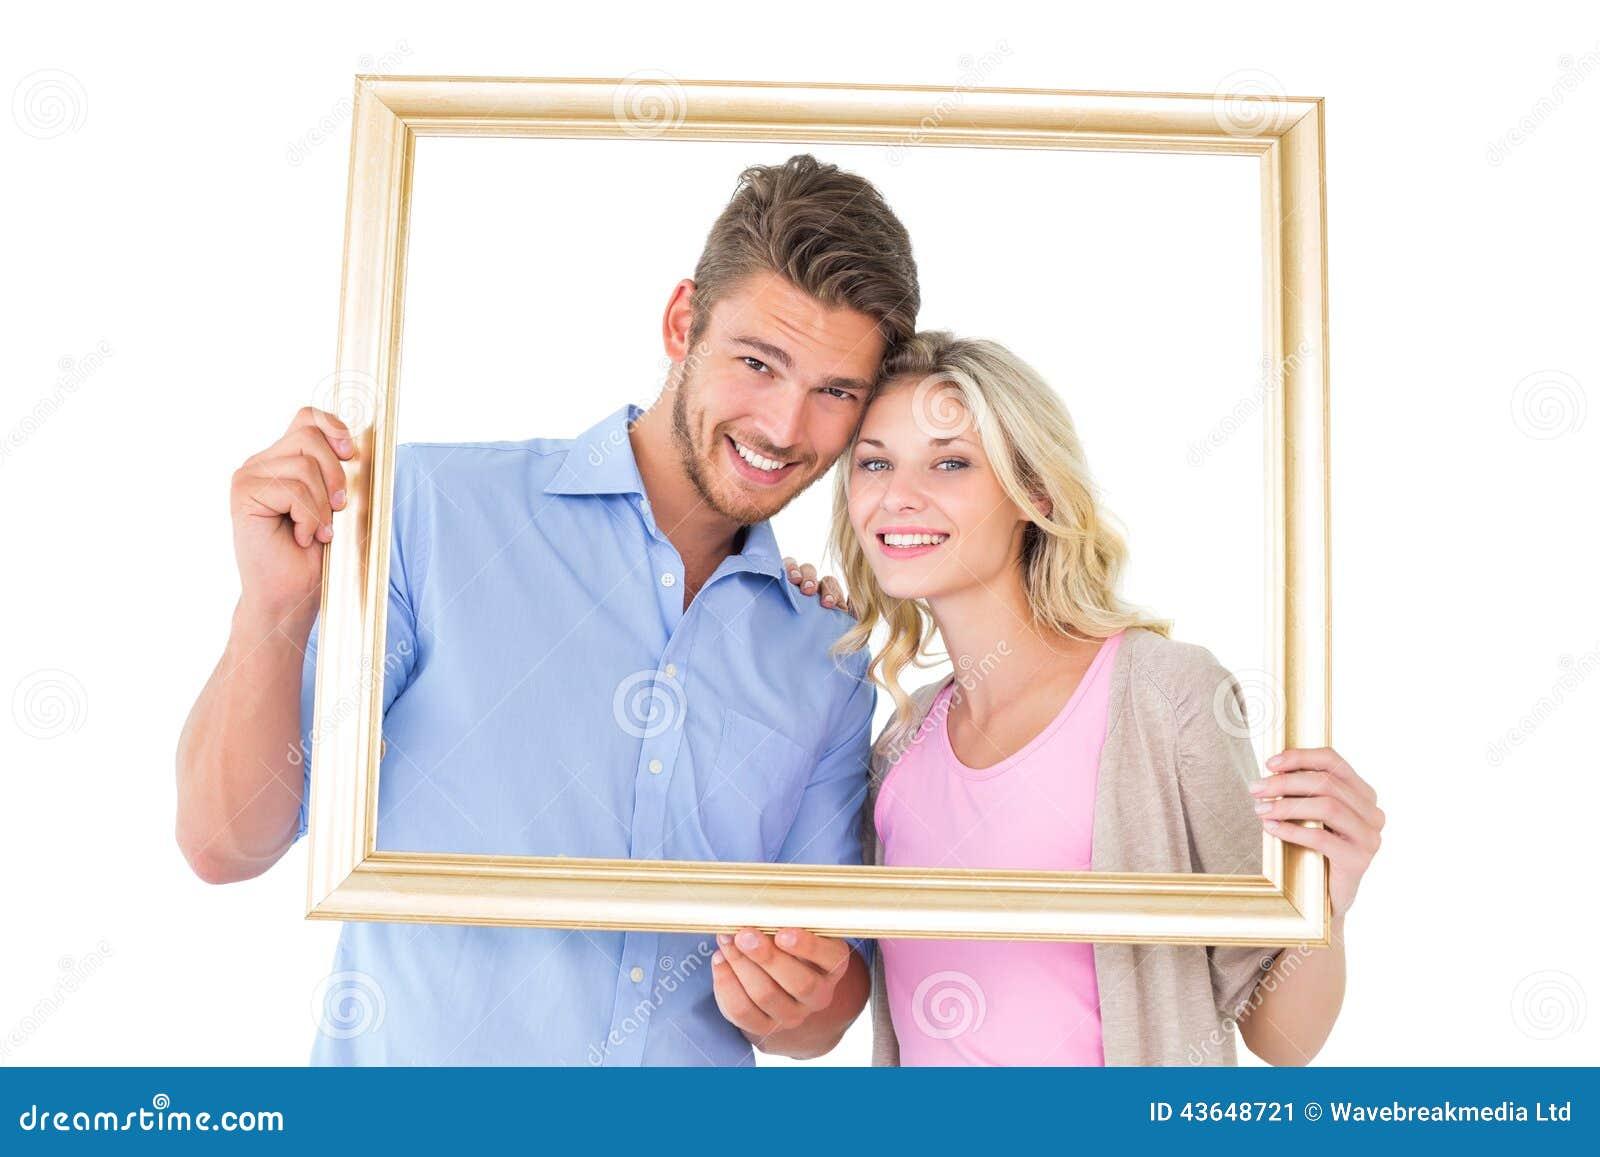 Fein Bilderrahmen Für Paare Ideen - Benutzerdefinierte Bilderrahmen ...